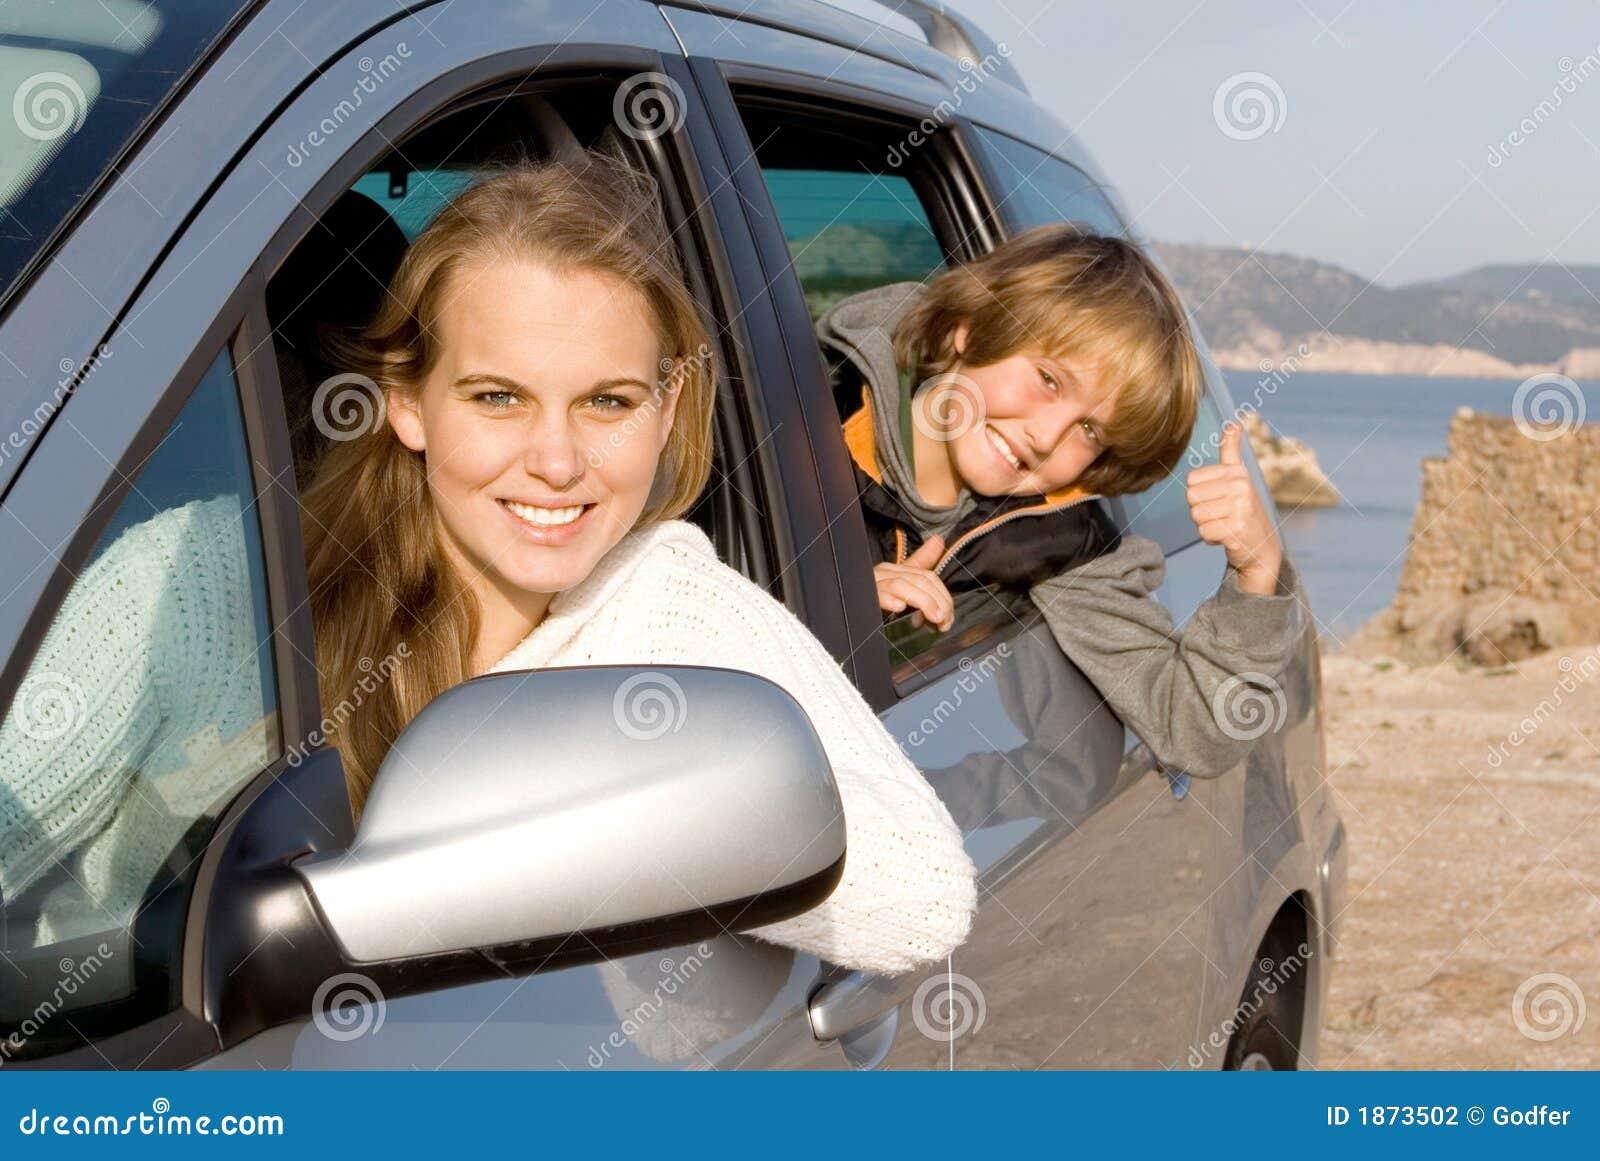 ενοίκιο οικογενειακής μίσθωσης αυτοκινήτων